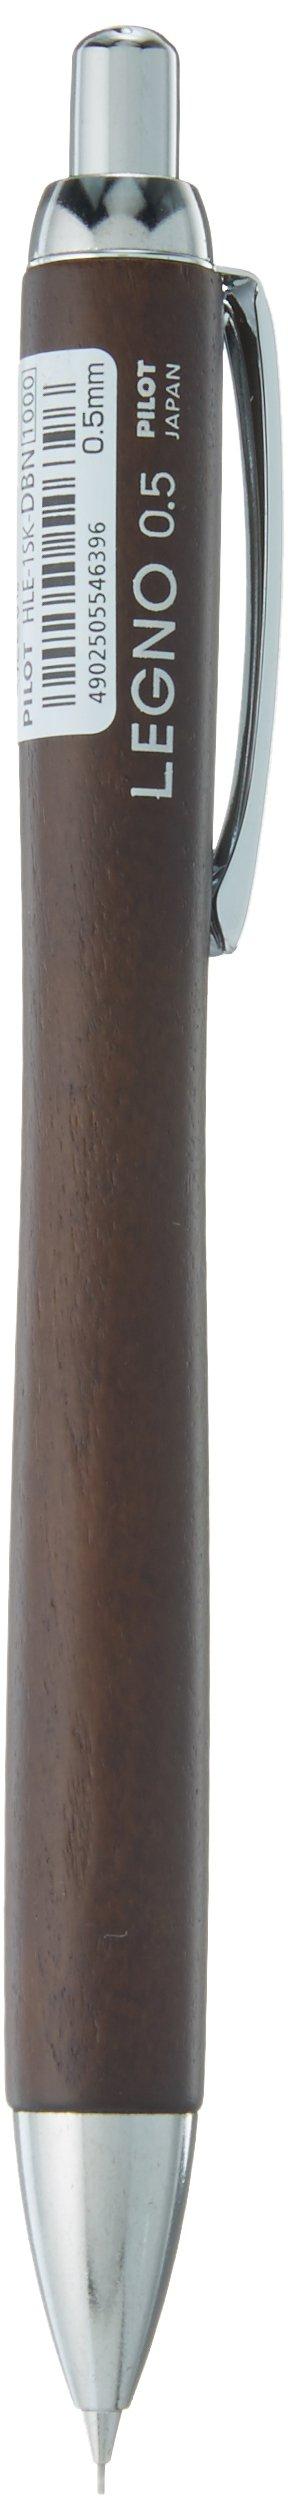 Pilot portaminas, legno, marrón oscuro, 0,5mm...